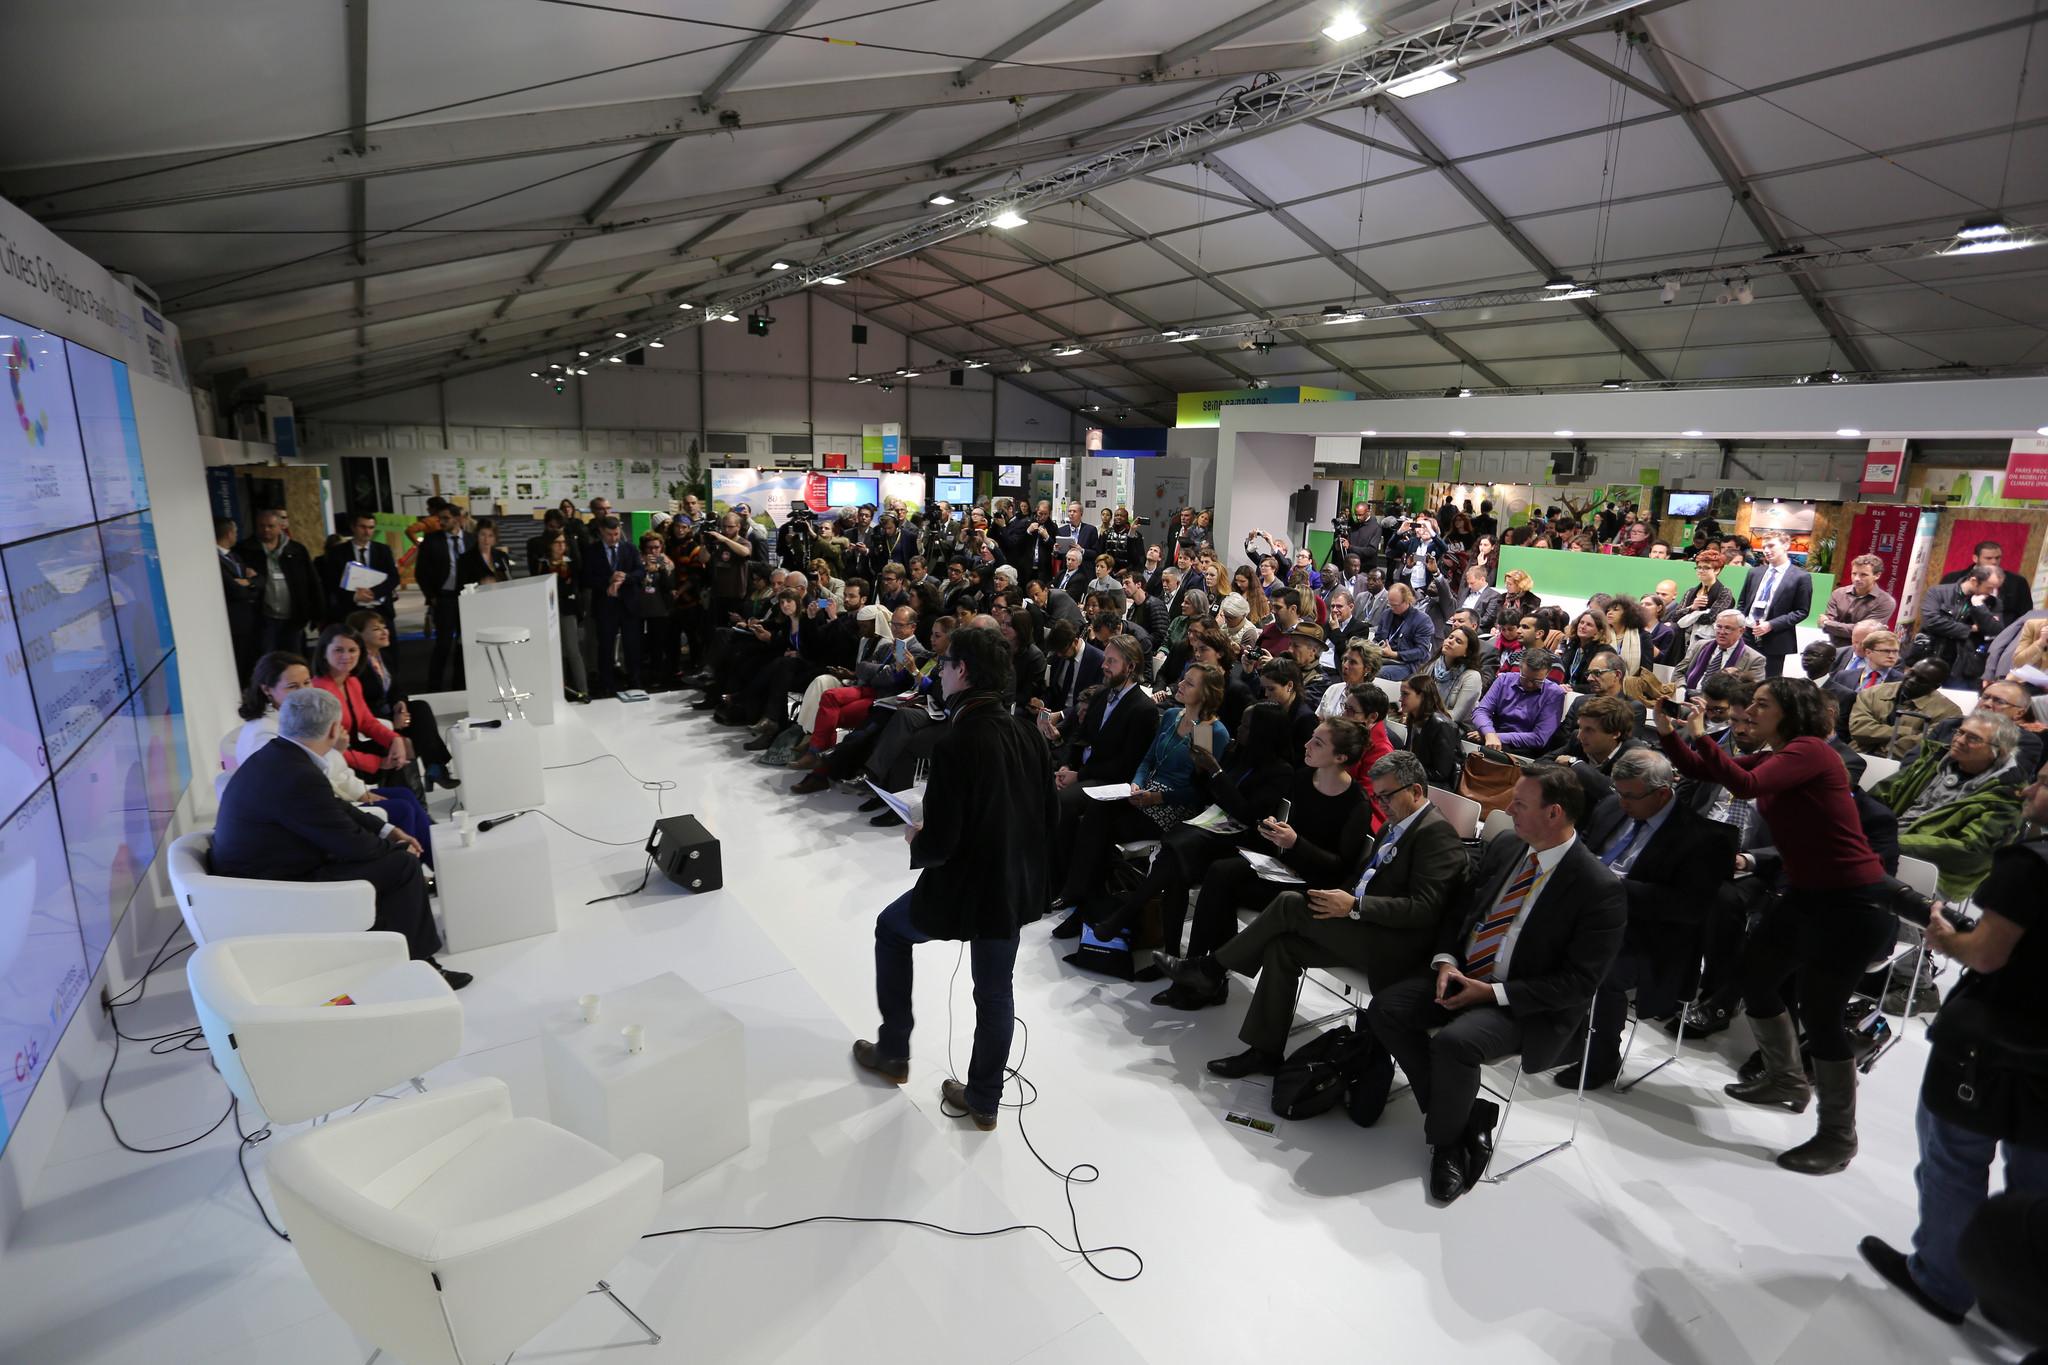 Pavilion full